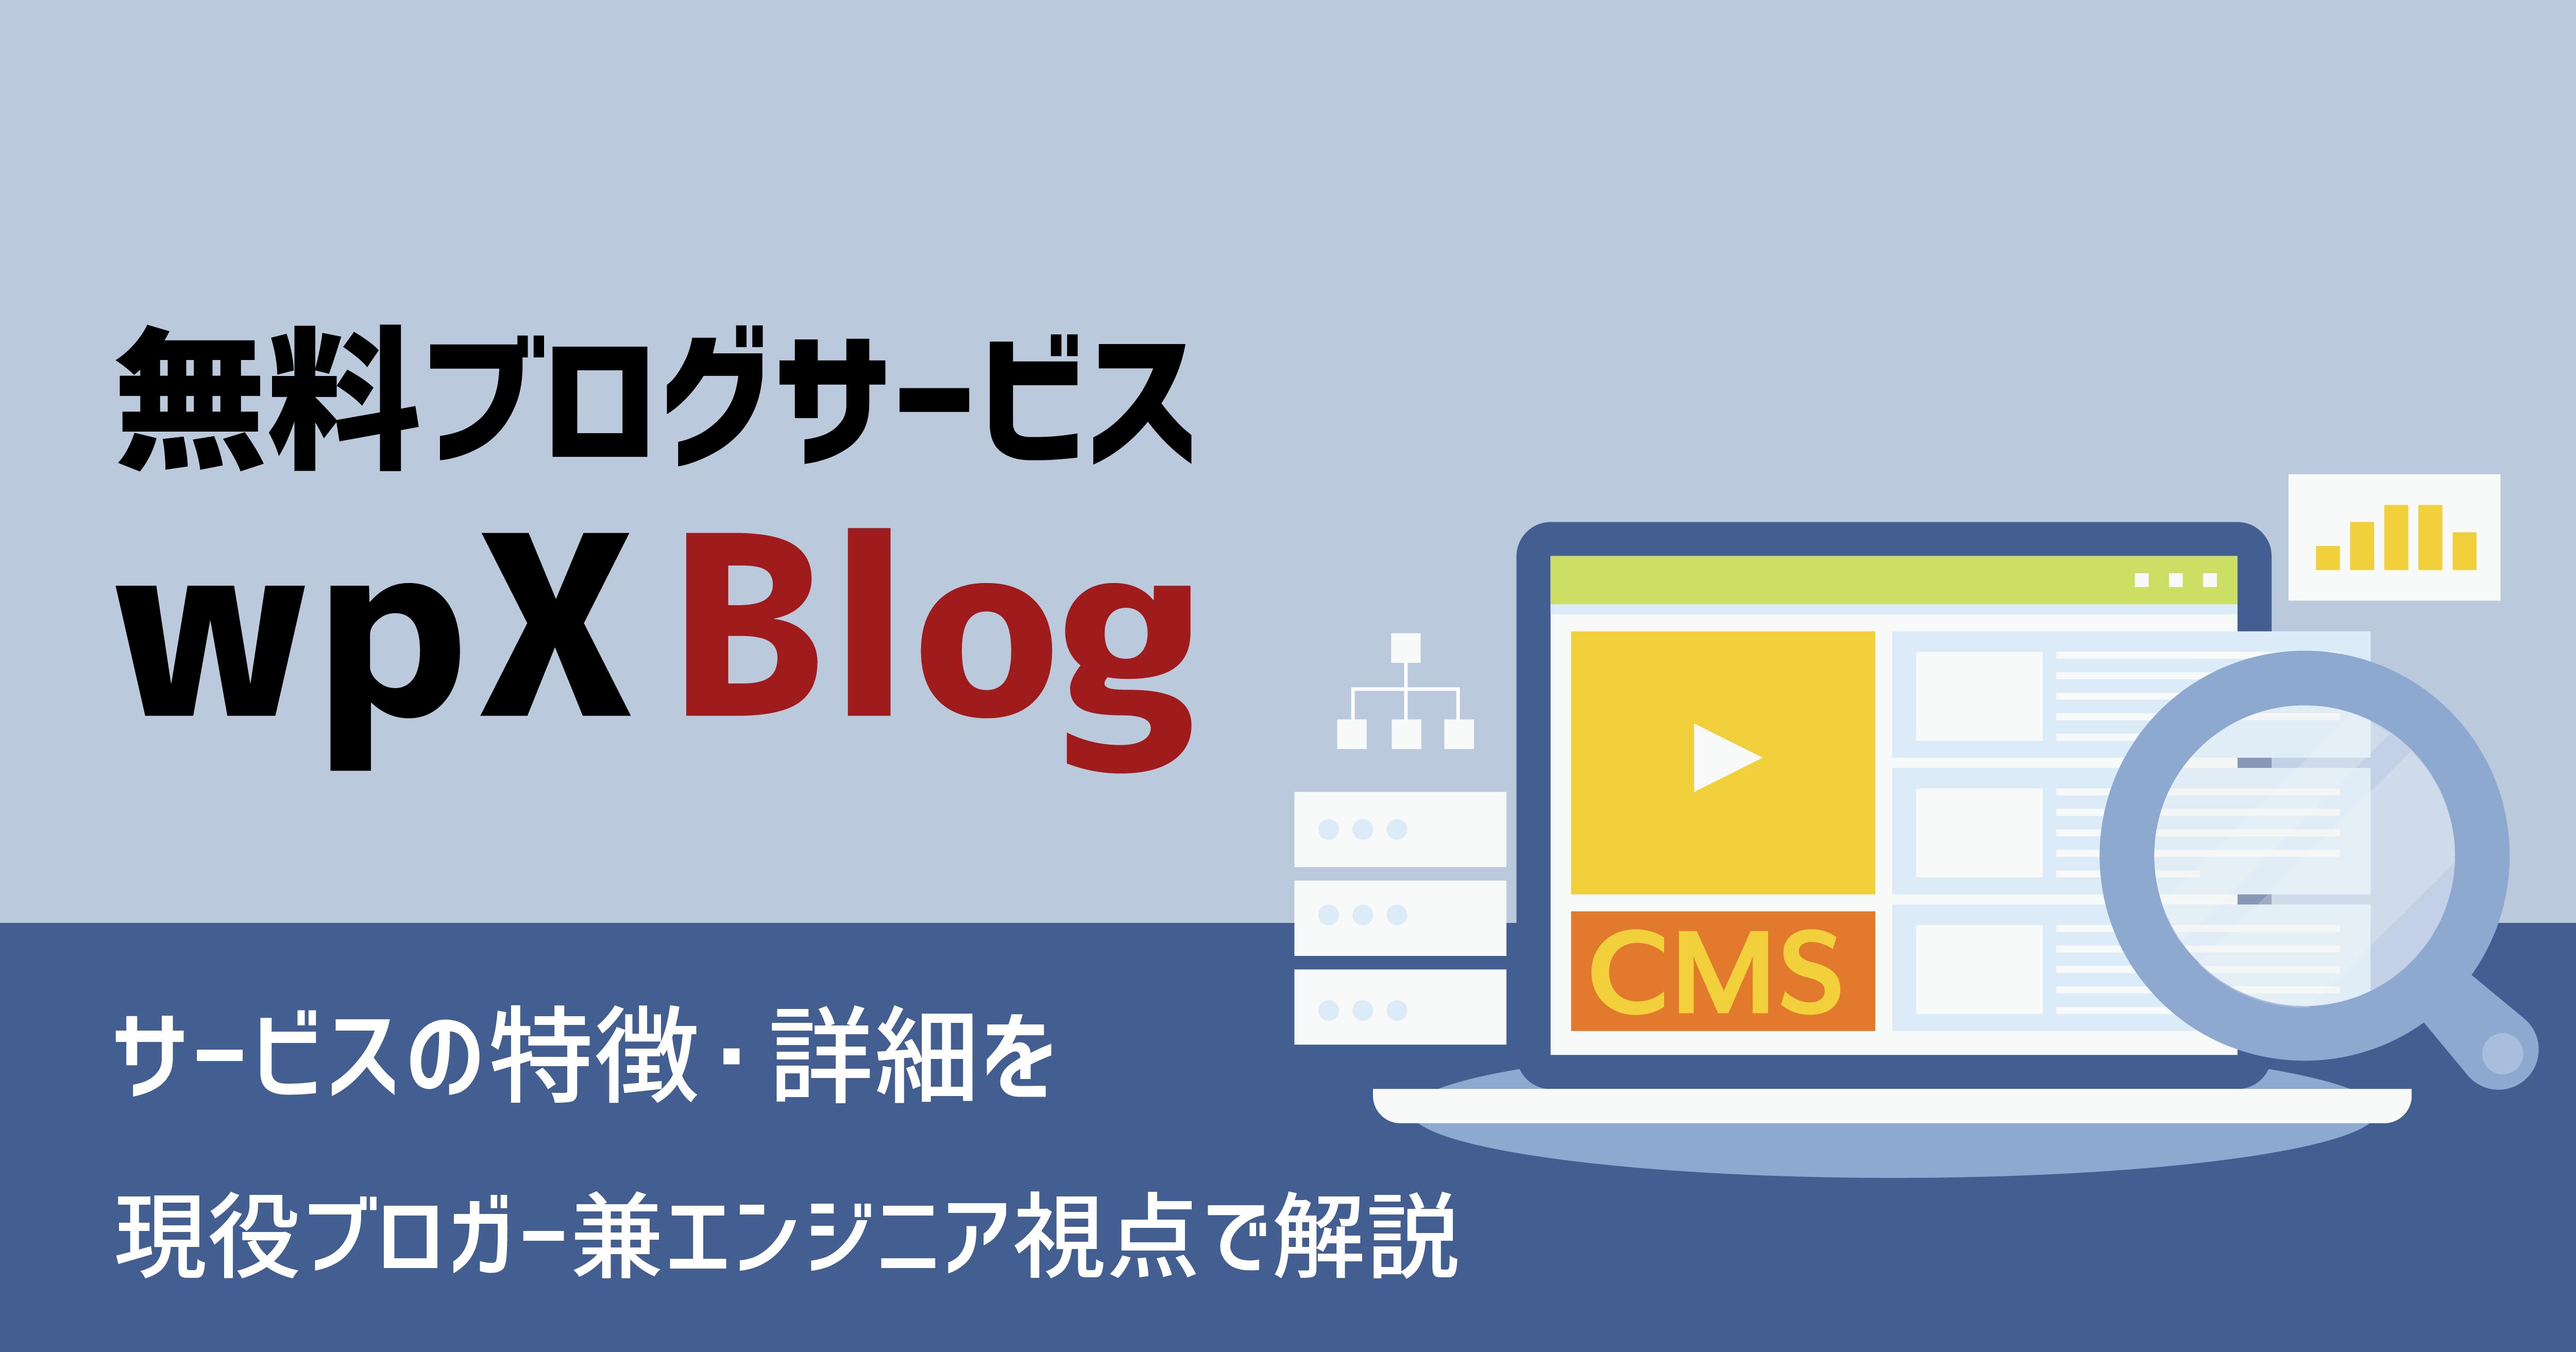 無料ブログサービスwpXBlog